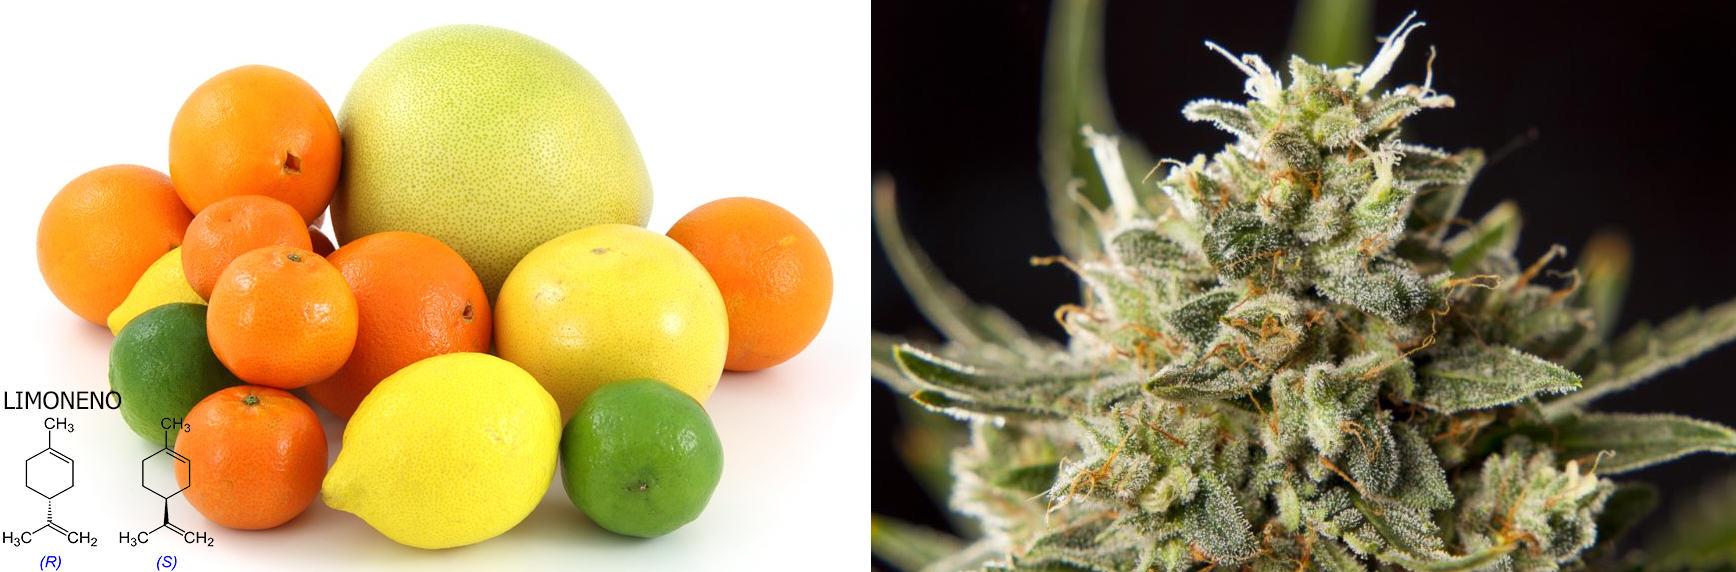 Moltes varietats de marihuana contenen limonè